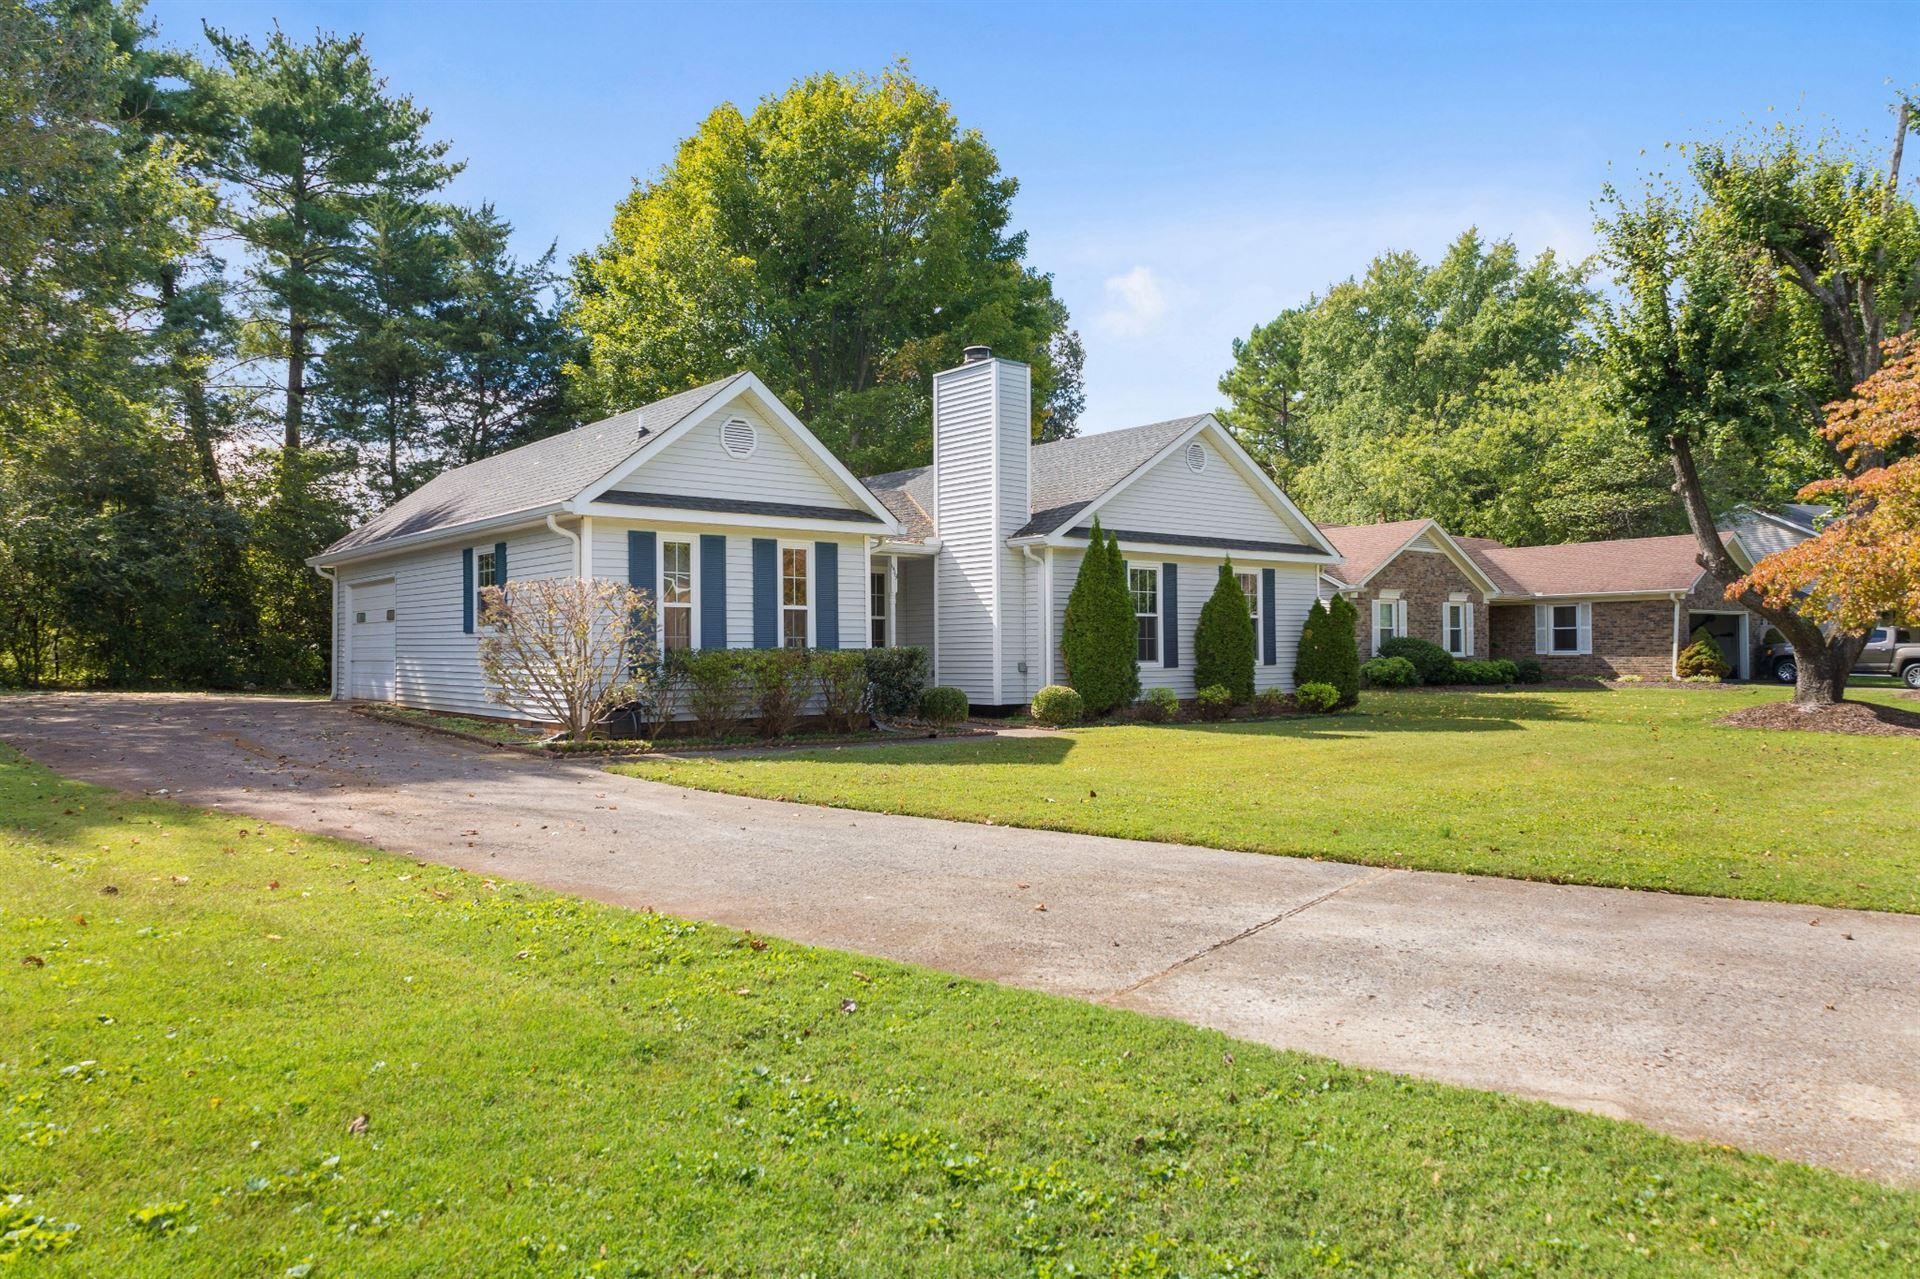 Photo of 1419 Ashlawn Dr, Murfreesboro, TN 37129 (MLS # 2300049)